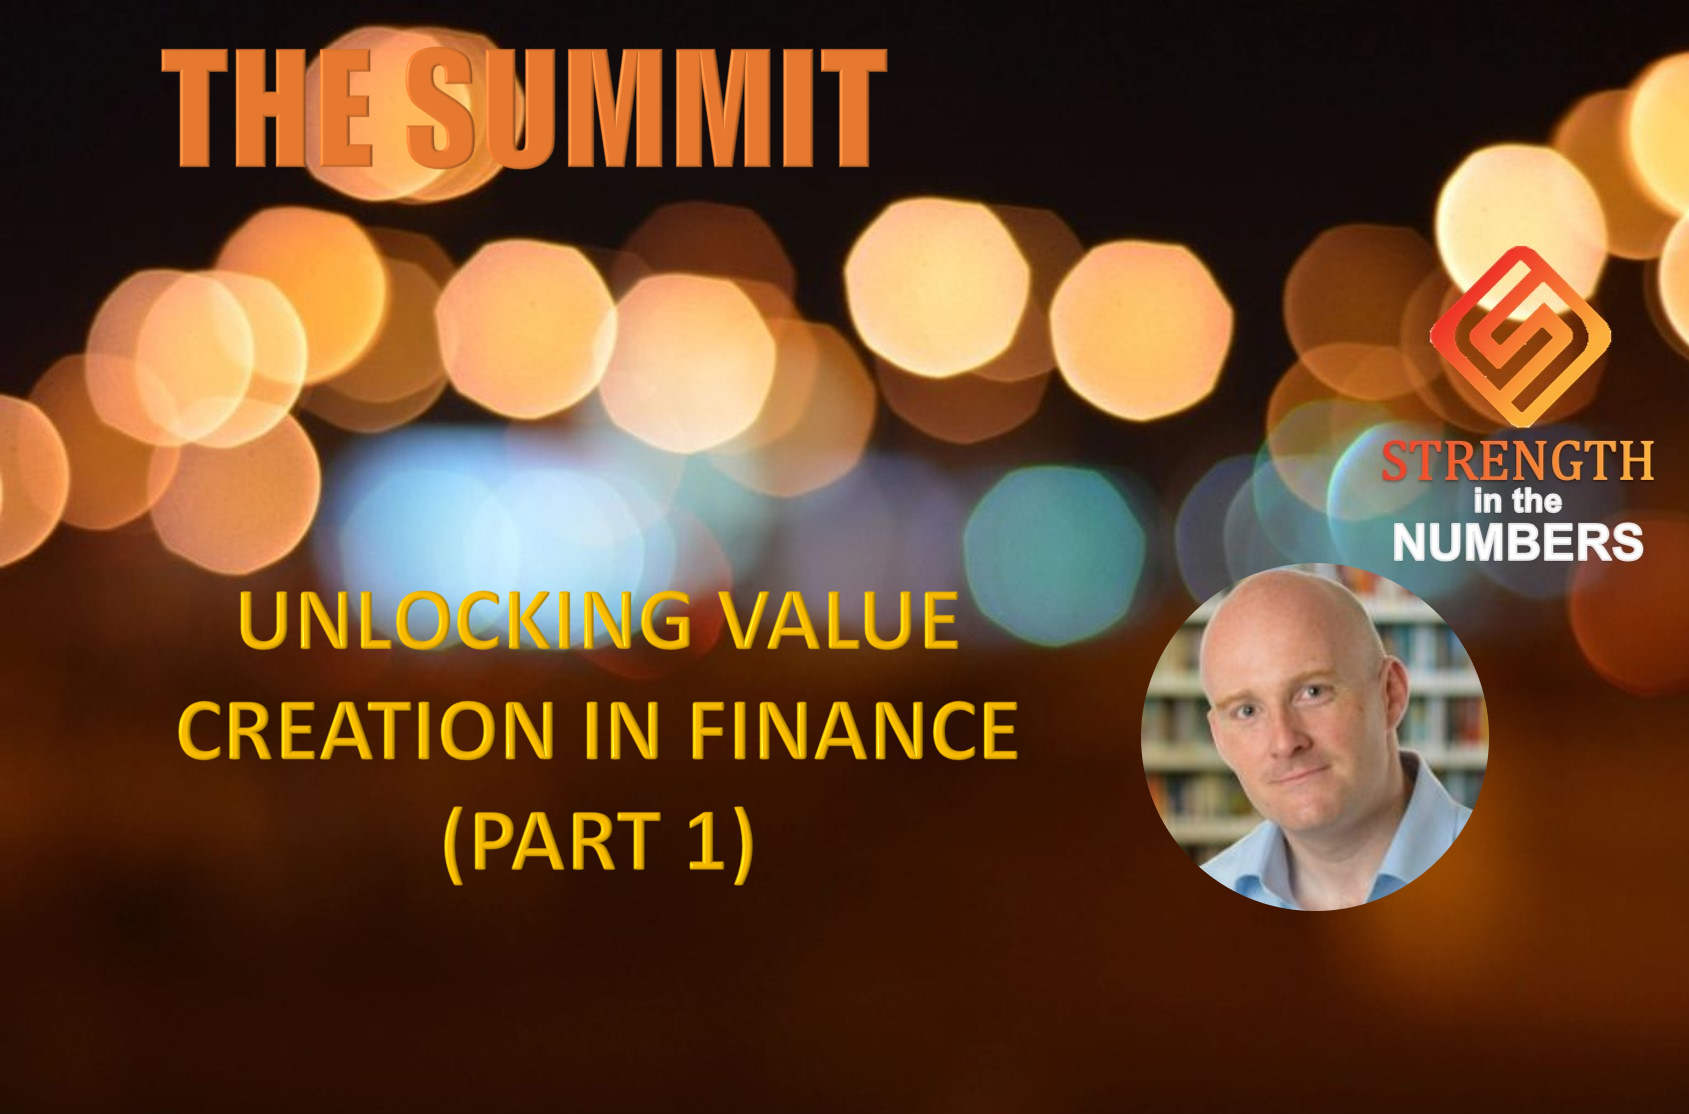 Unlocking Value Creation in Finance (Part 1)